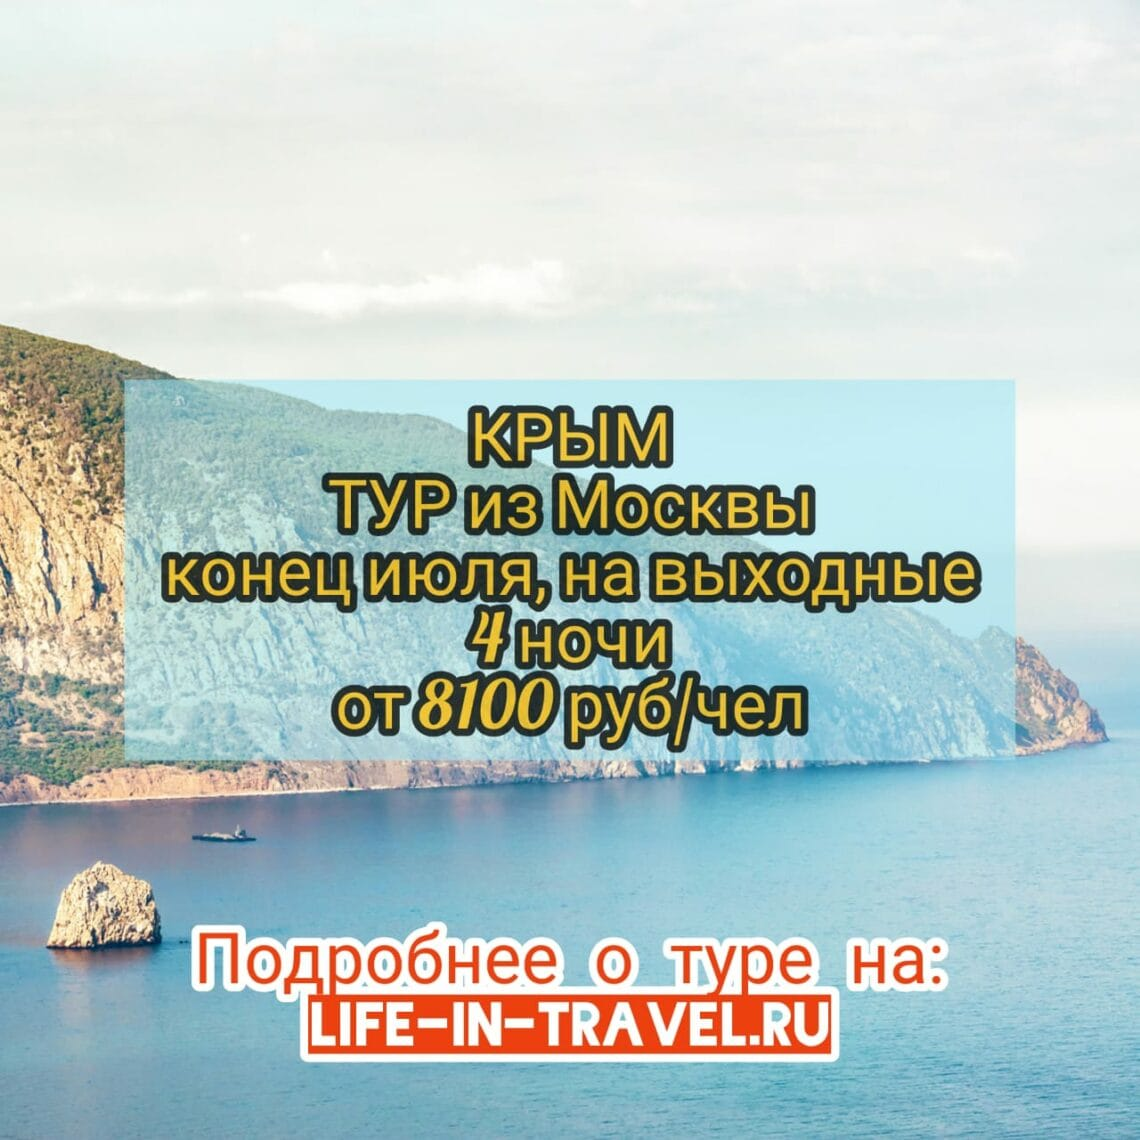 Путевки в Крым